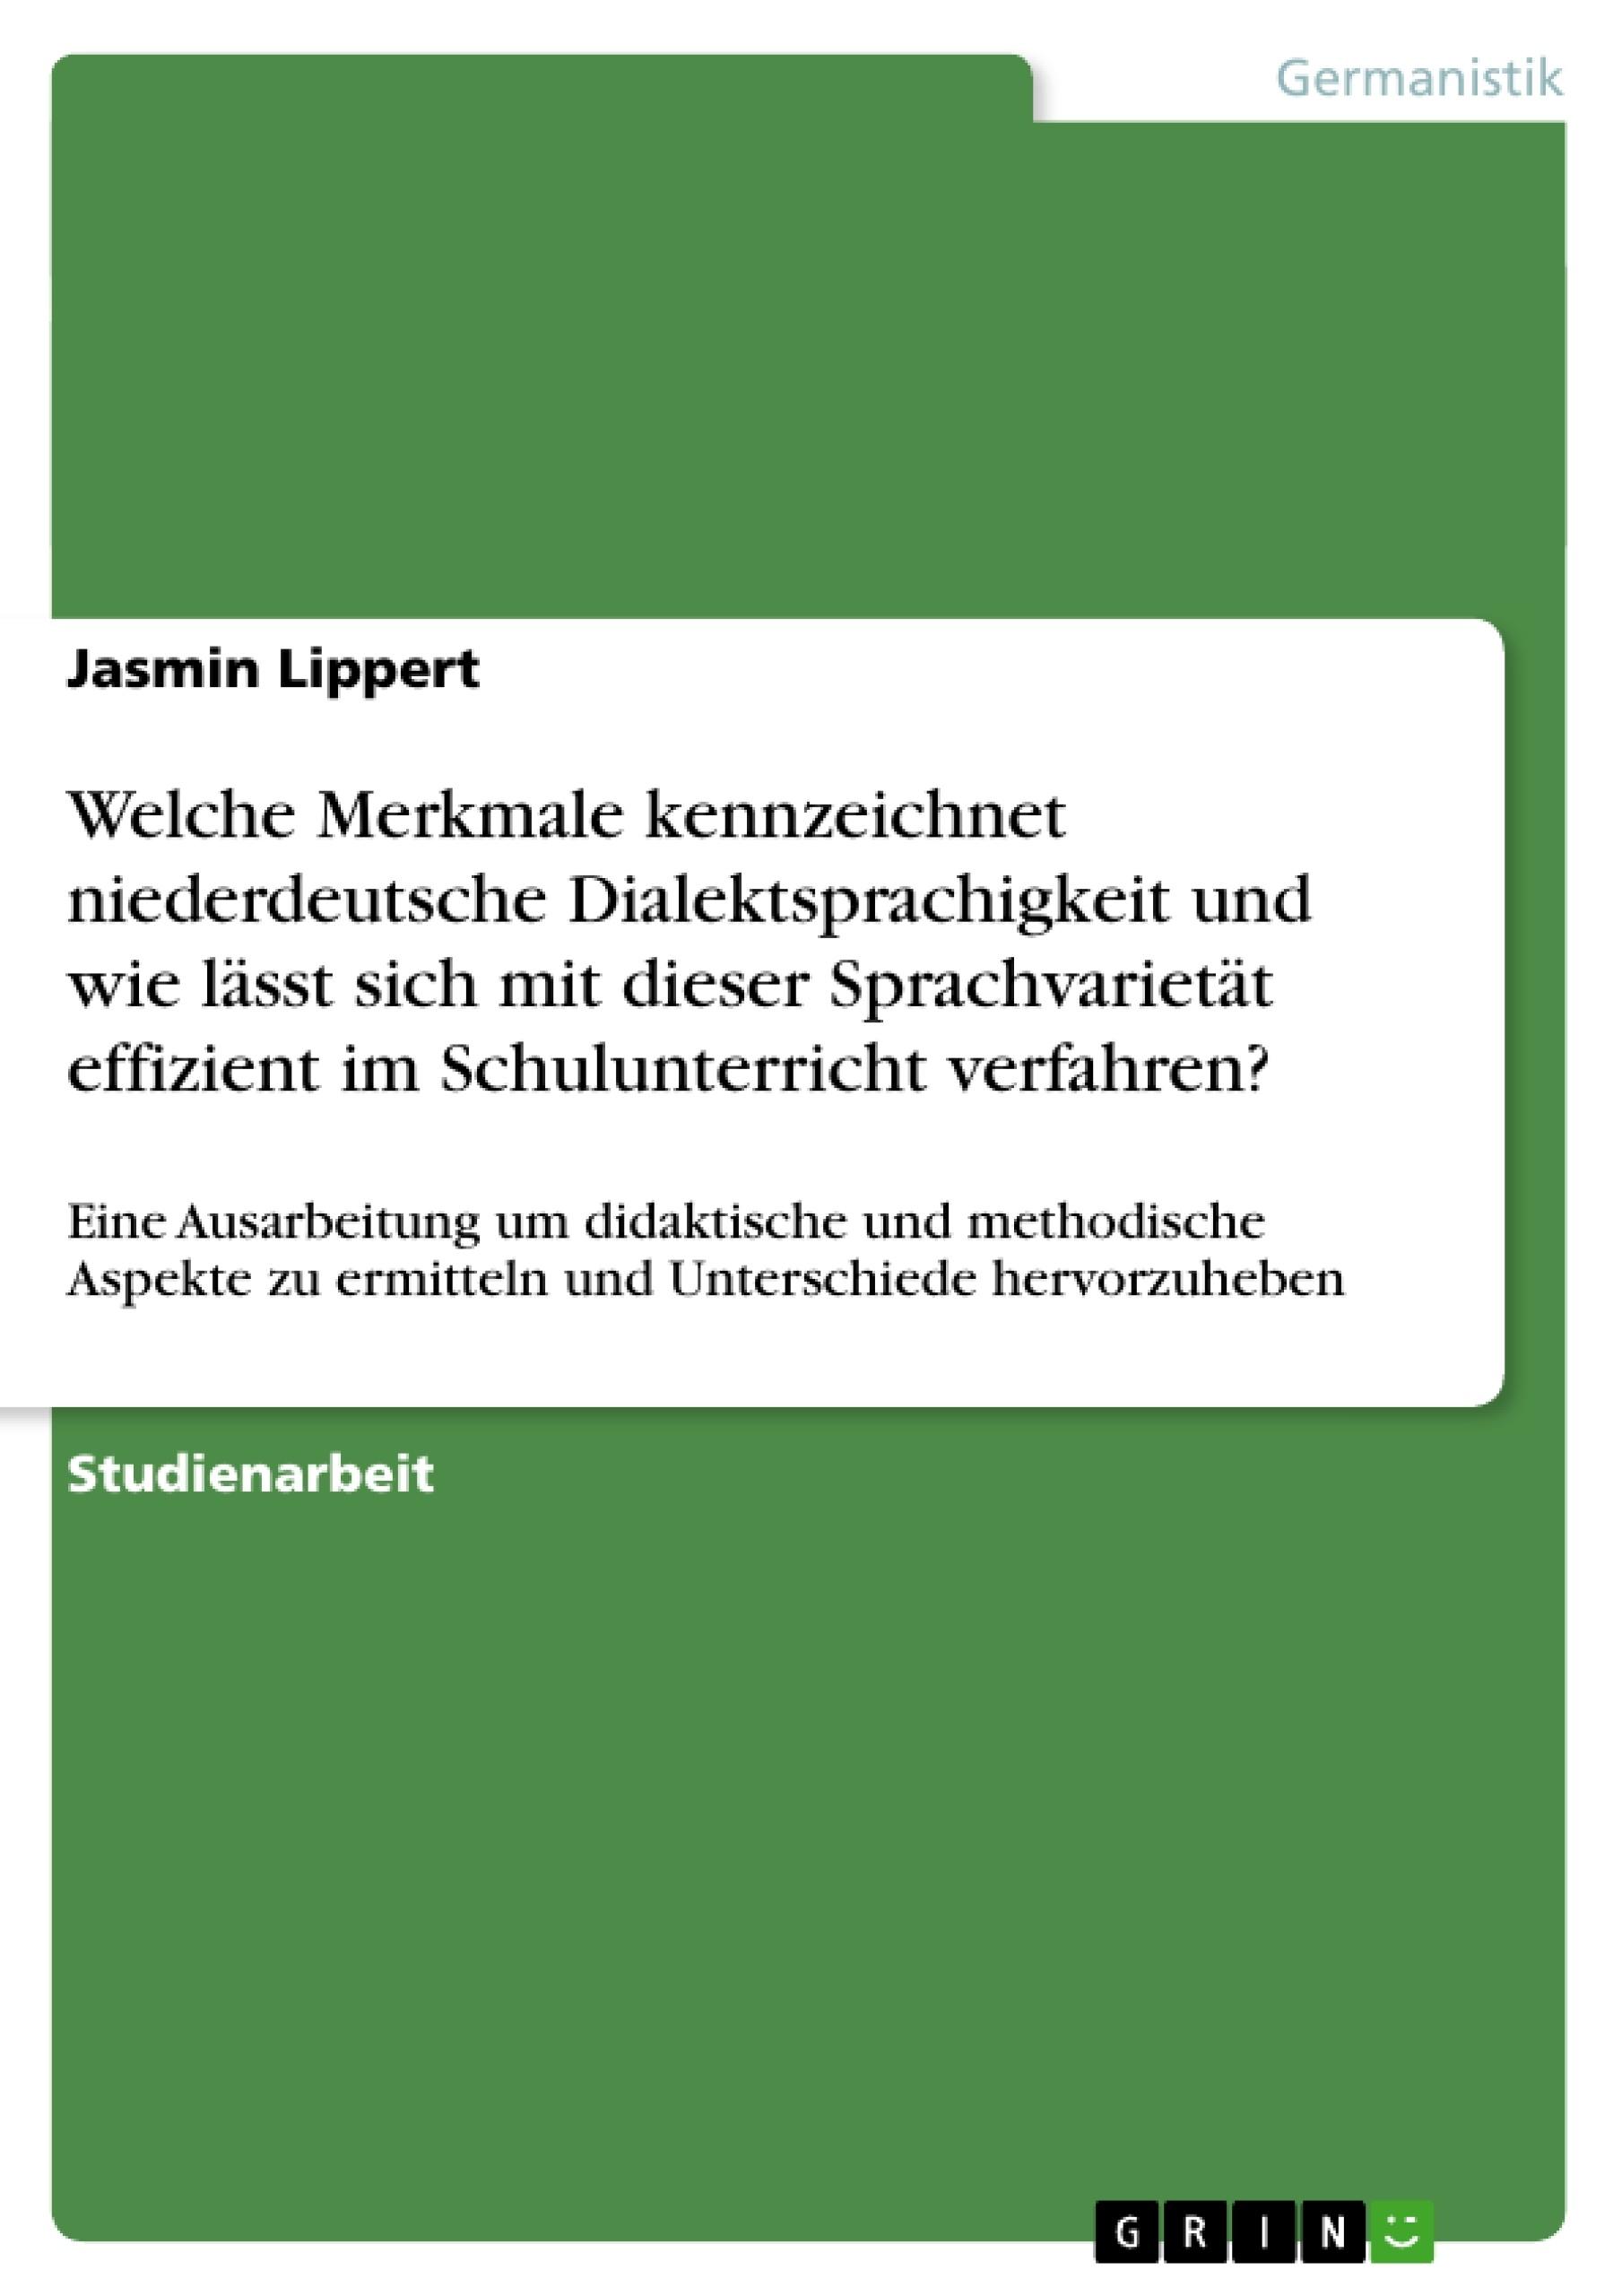 Titel: Welche Merkmale kennzeichnet niederdeutsche Dialektsprachigkeit und wie lässt sich mit dieser Sprachvarietät effizient im  Schulunterricht verfahren?